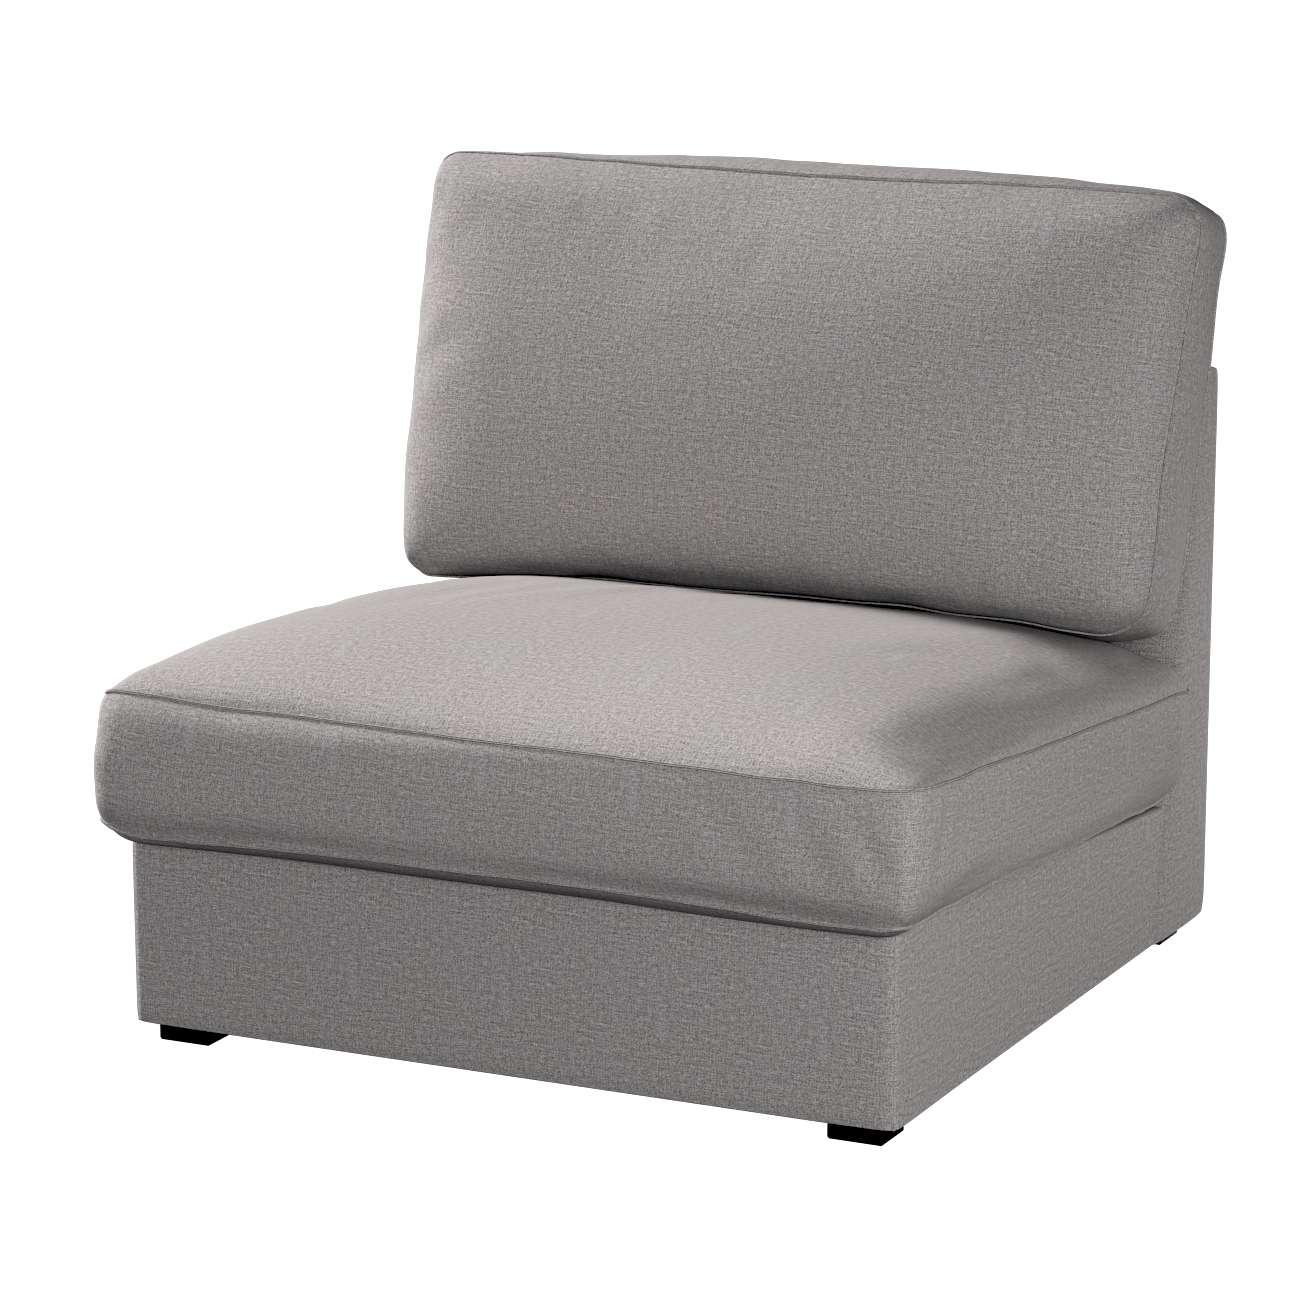 Kivik päällinen nojatuoli mallistosta Edinburgh, Kangas: 115-81